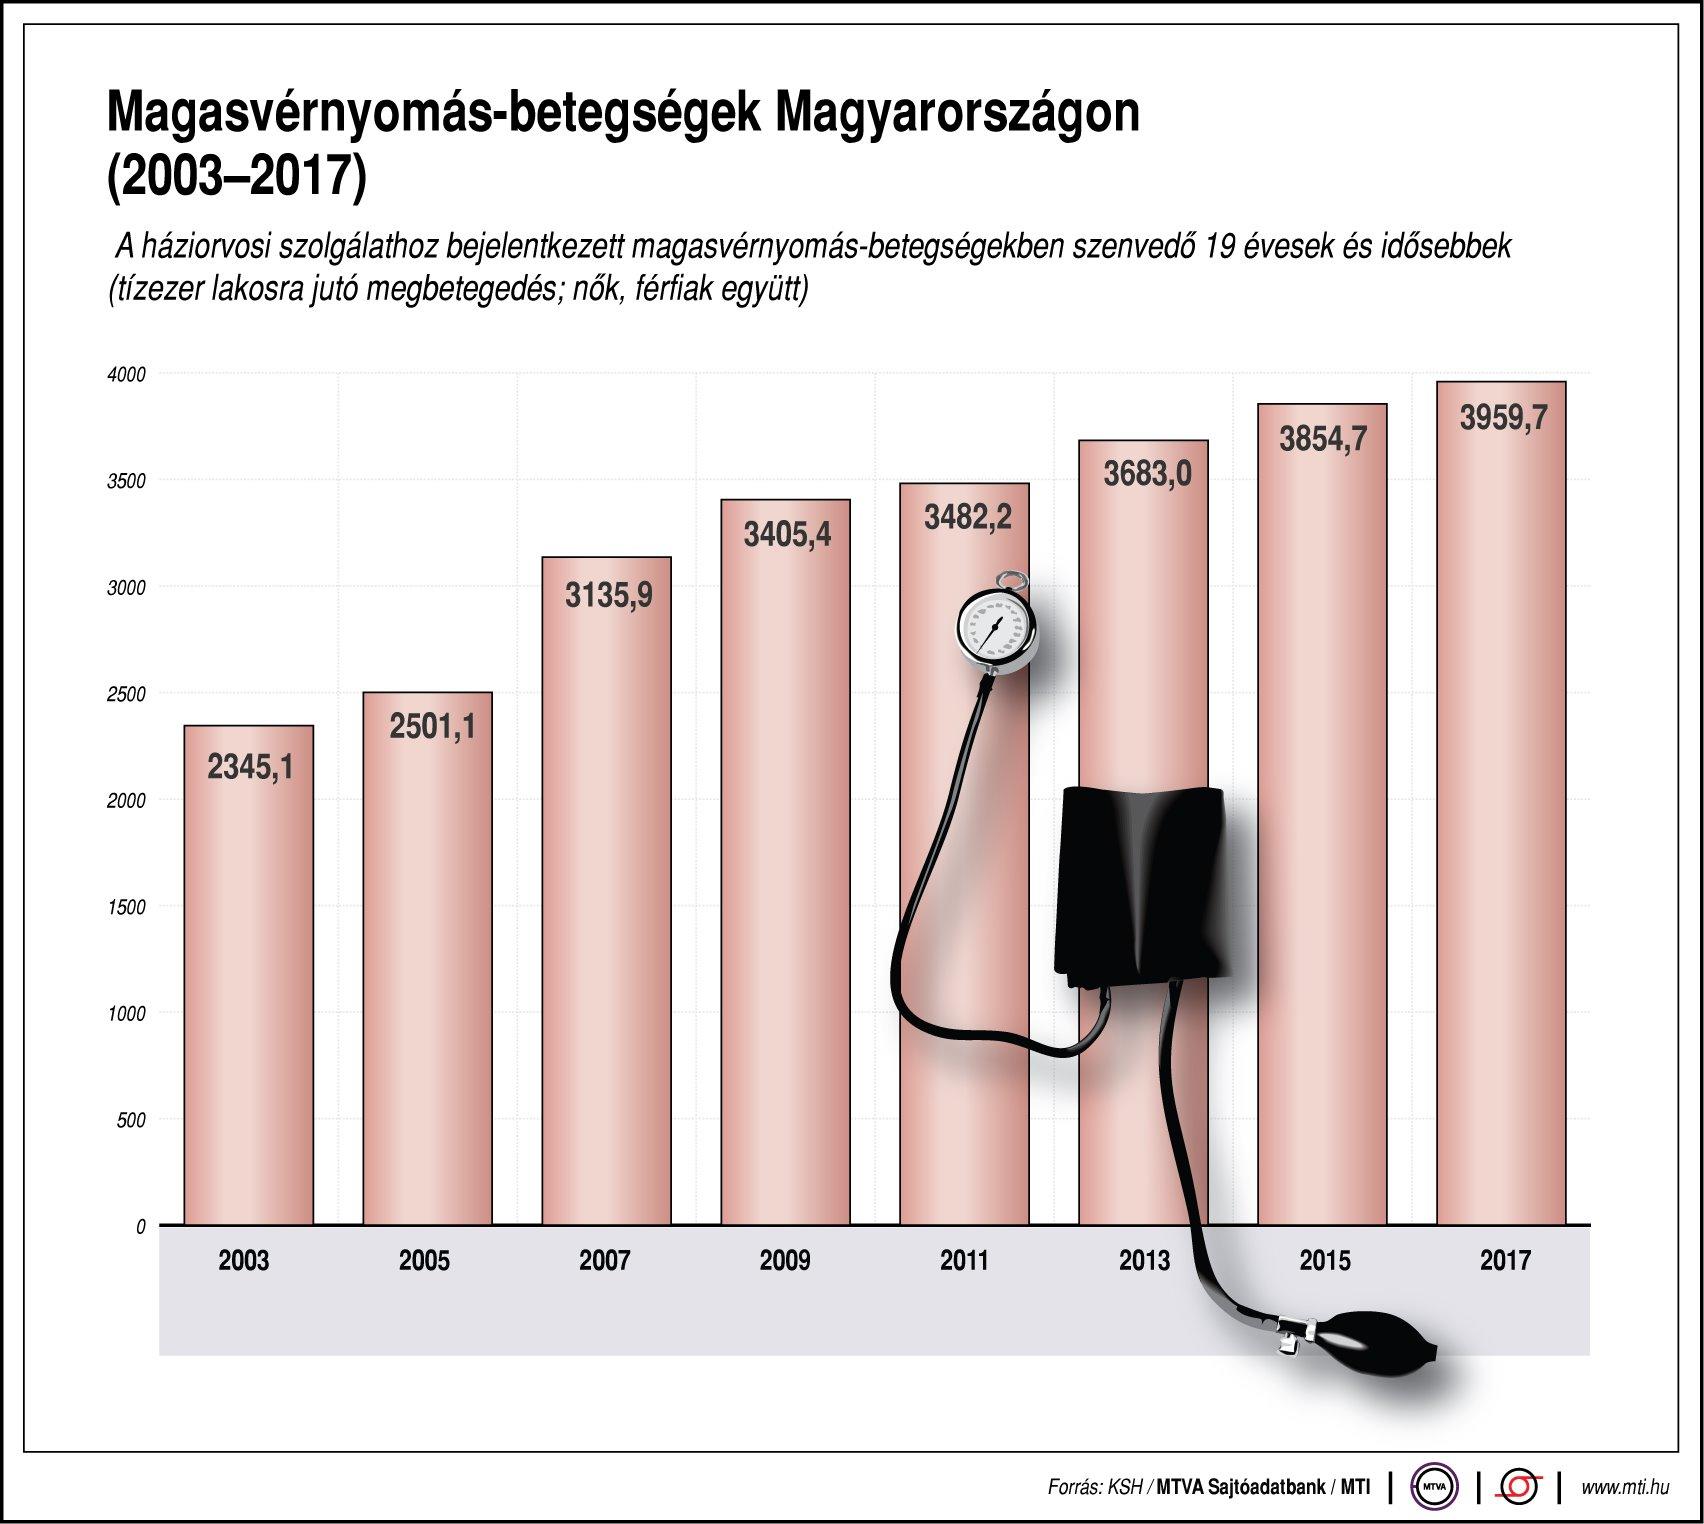 magas vérnyomás diagramokban